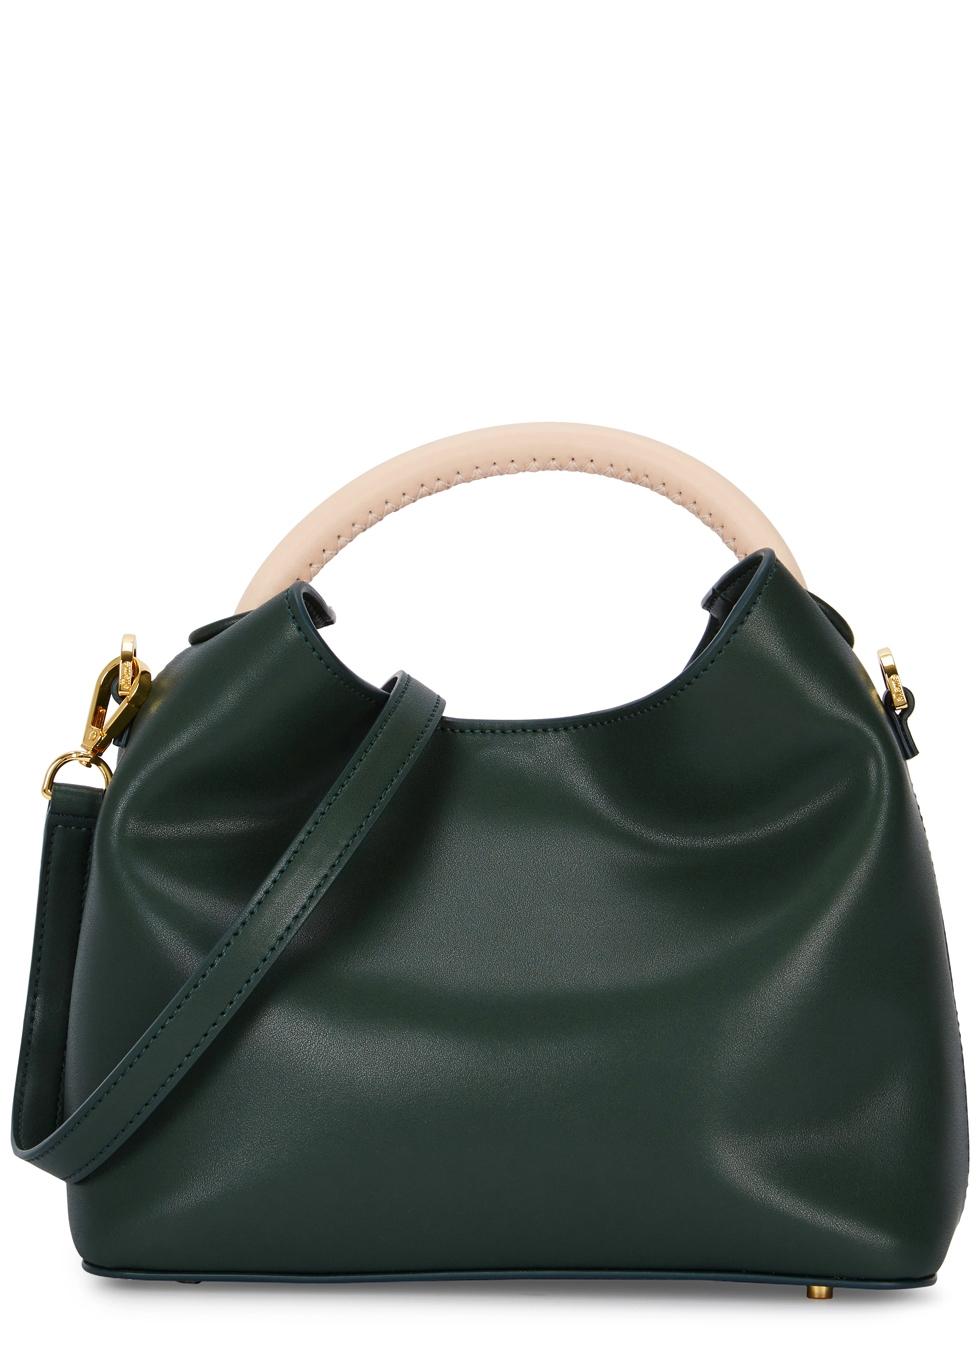 ELLEME Baozi Green Leather Shoulder Bag